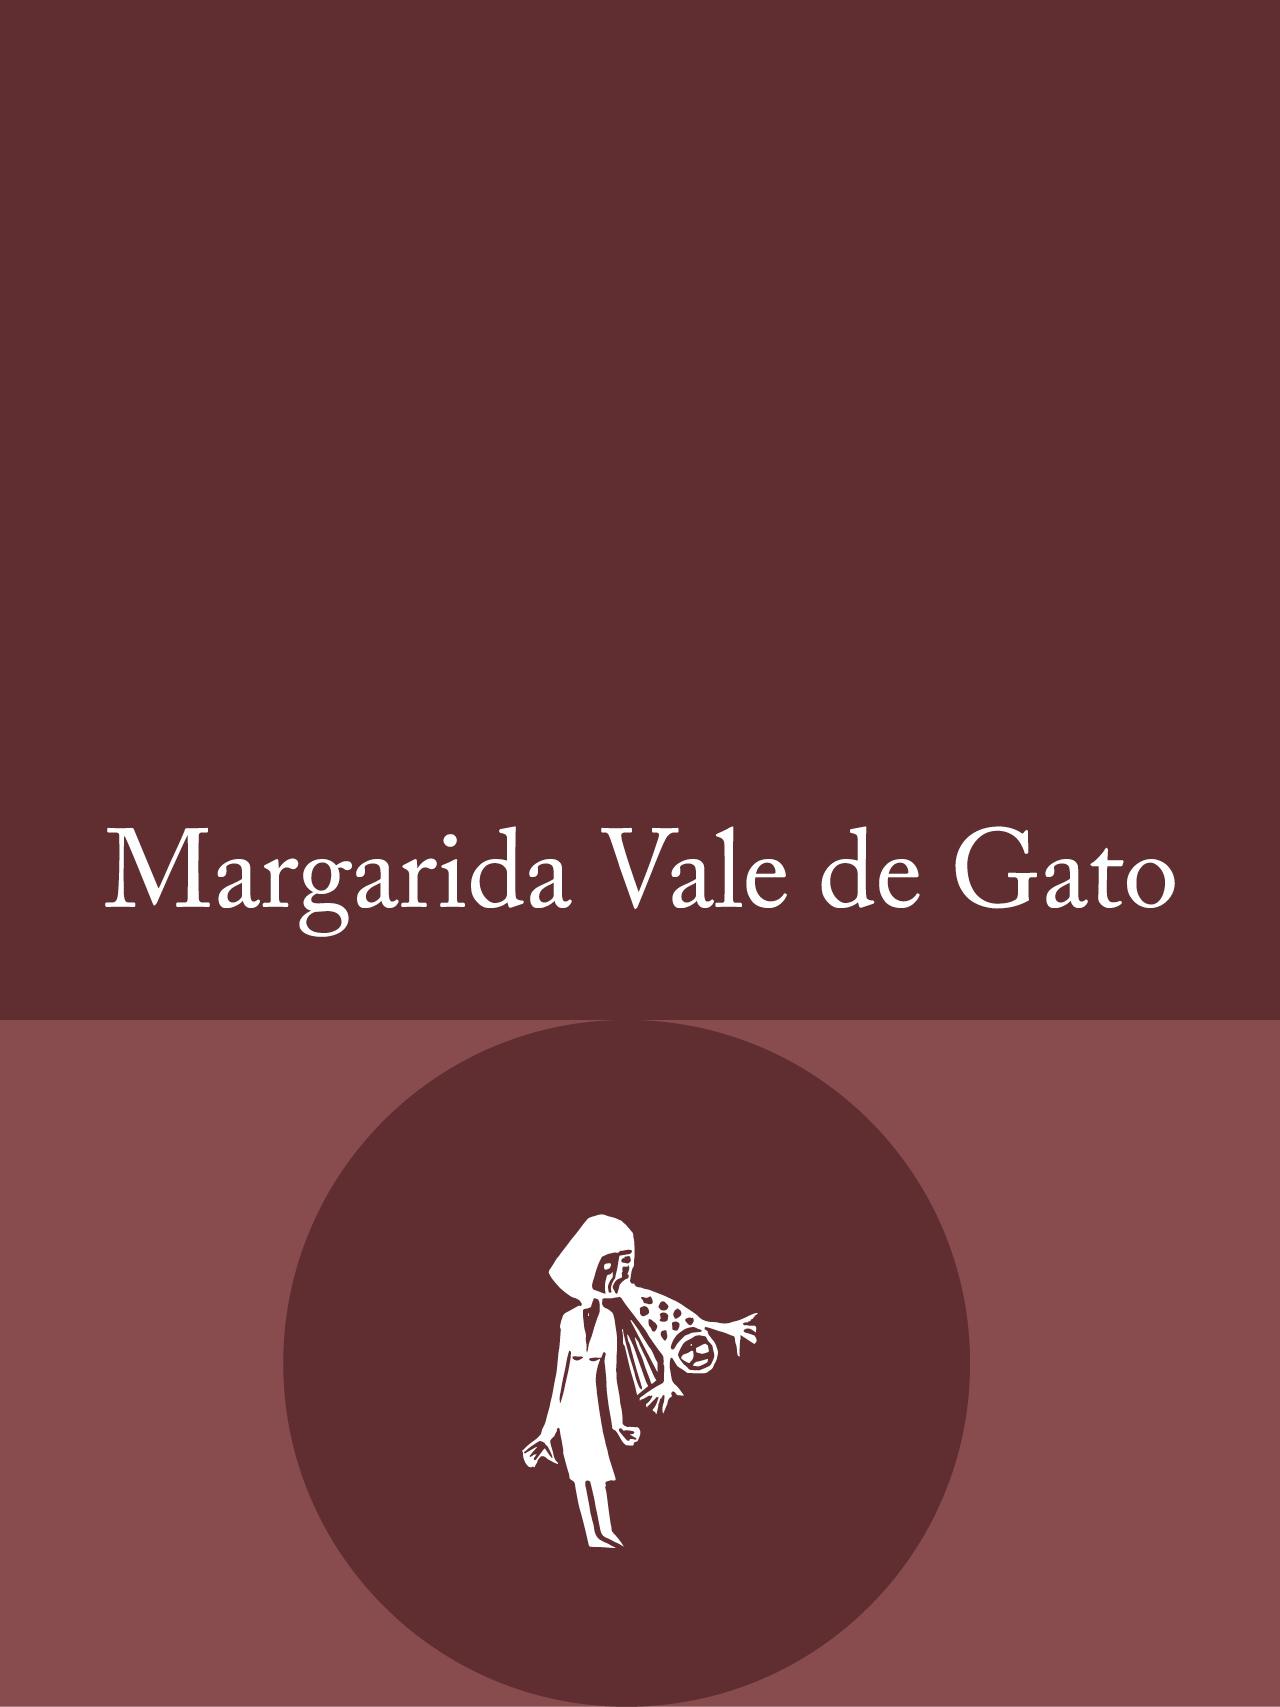 MargaridaVGato.jpg